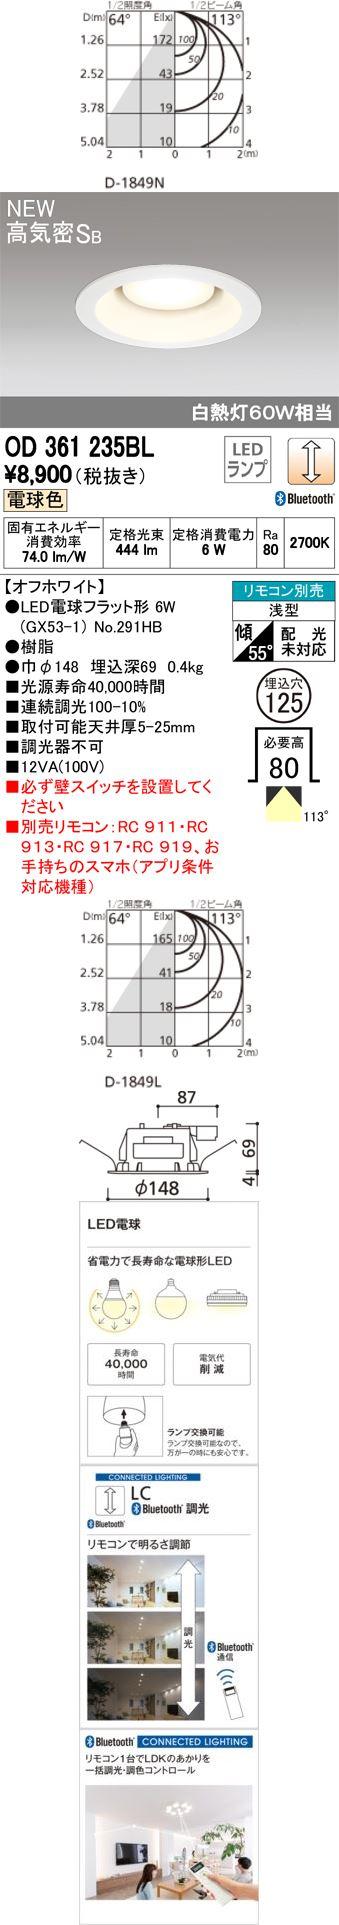 オーデリック 連続調光ダウンライト 125φ 白熱灯60W相当 OD361235BN S他